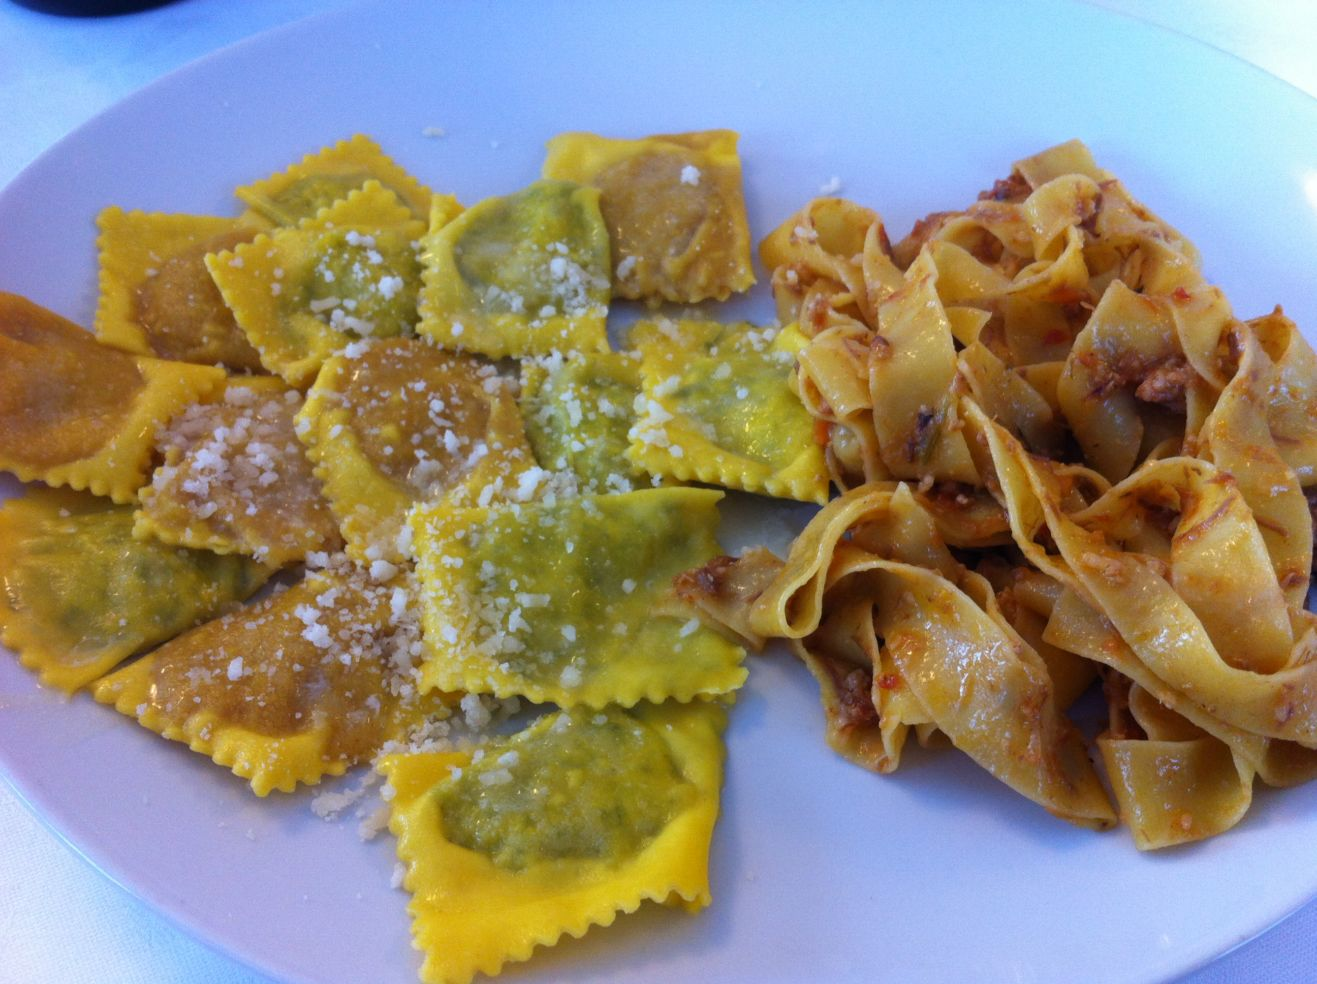 Mazzalasino Pasta Duo